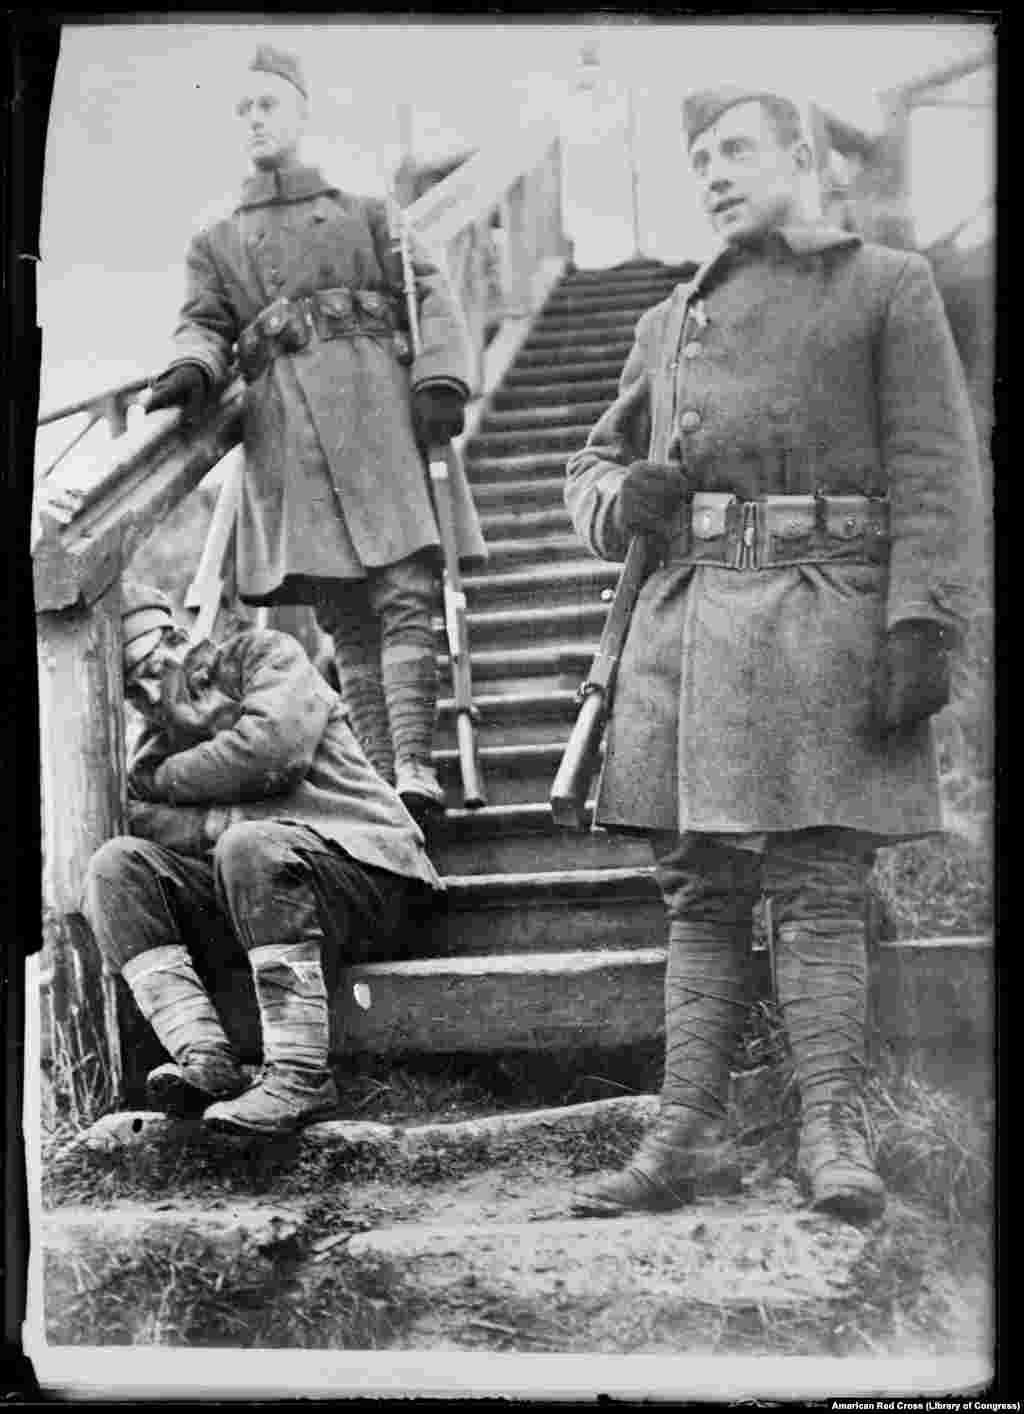 """""""შიმშილით დასუსტებული"""" რუსი გლეხი არხანგელსკში აშშ-ის შტაბბინის კიბეზე 1918 ან 1919 წელს. რუსეთში ძალაუფლების ბოლშევიკების ხელში გადასვლას ამერიკელების მხრიდან ჯერ """"მოლოდინისა და დაკვირვების"""" პერიოდი მოჰყვა, თუმცა ურთიერთობა მალე გაფუჭდა და აშშ-ის ჯარები მხარში ამოუდგნენ ბრიტანელებსა და სხვა მოკავშირეებს თეთრგვარდიელების დასახმარებლად."""